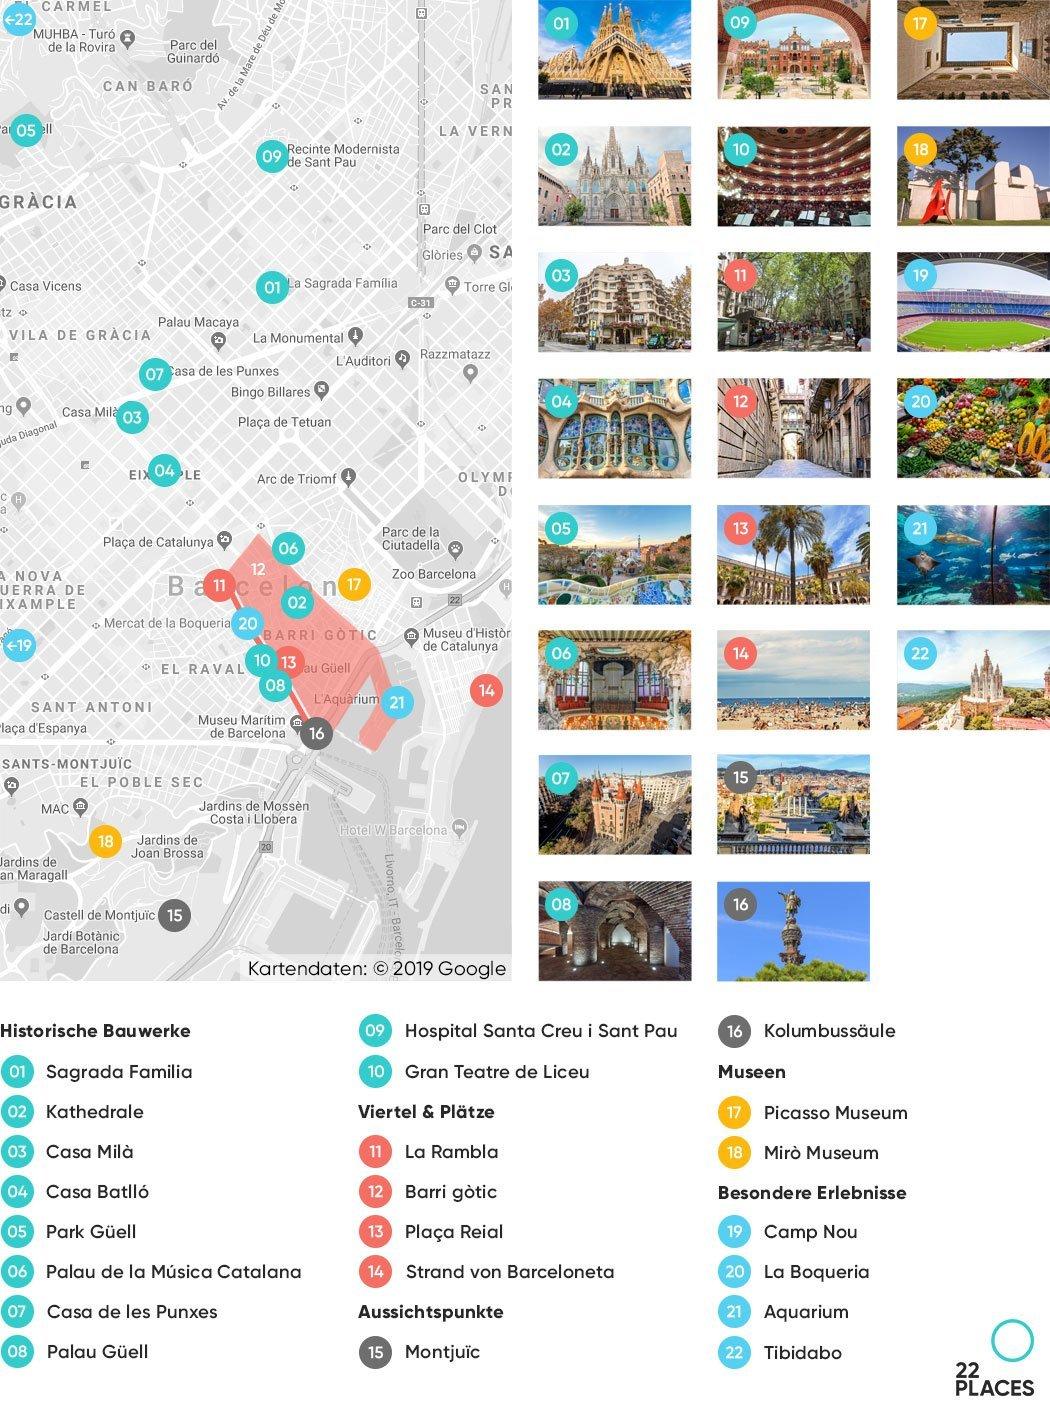 Barcelona Sehenswürdigkeiten Karte